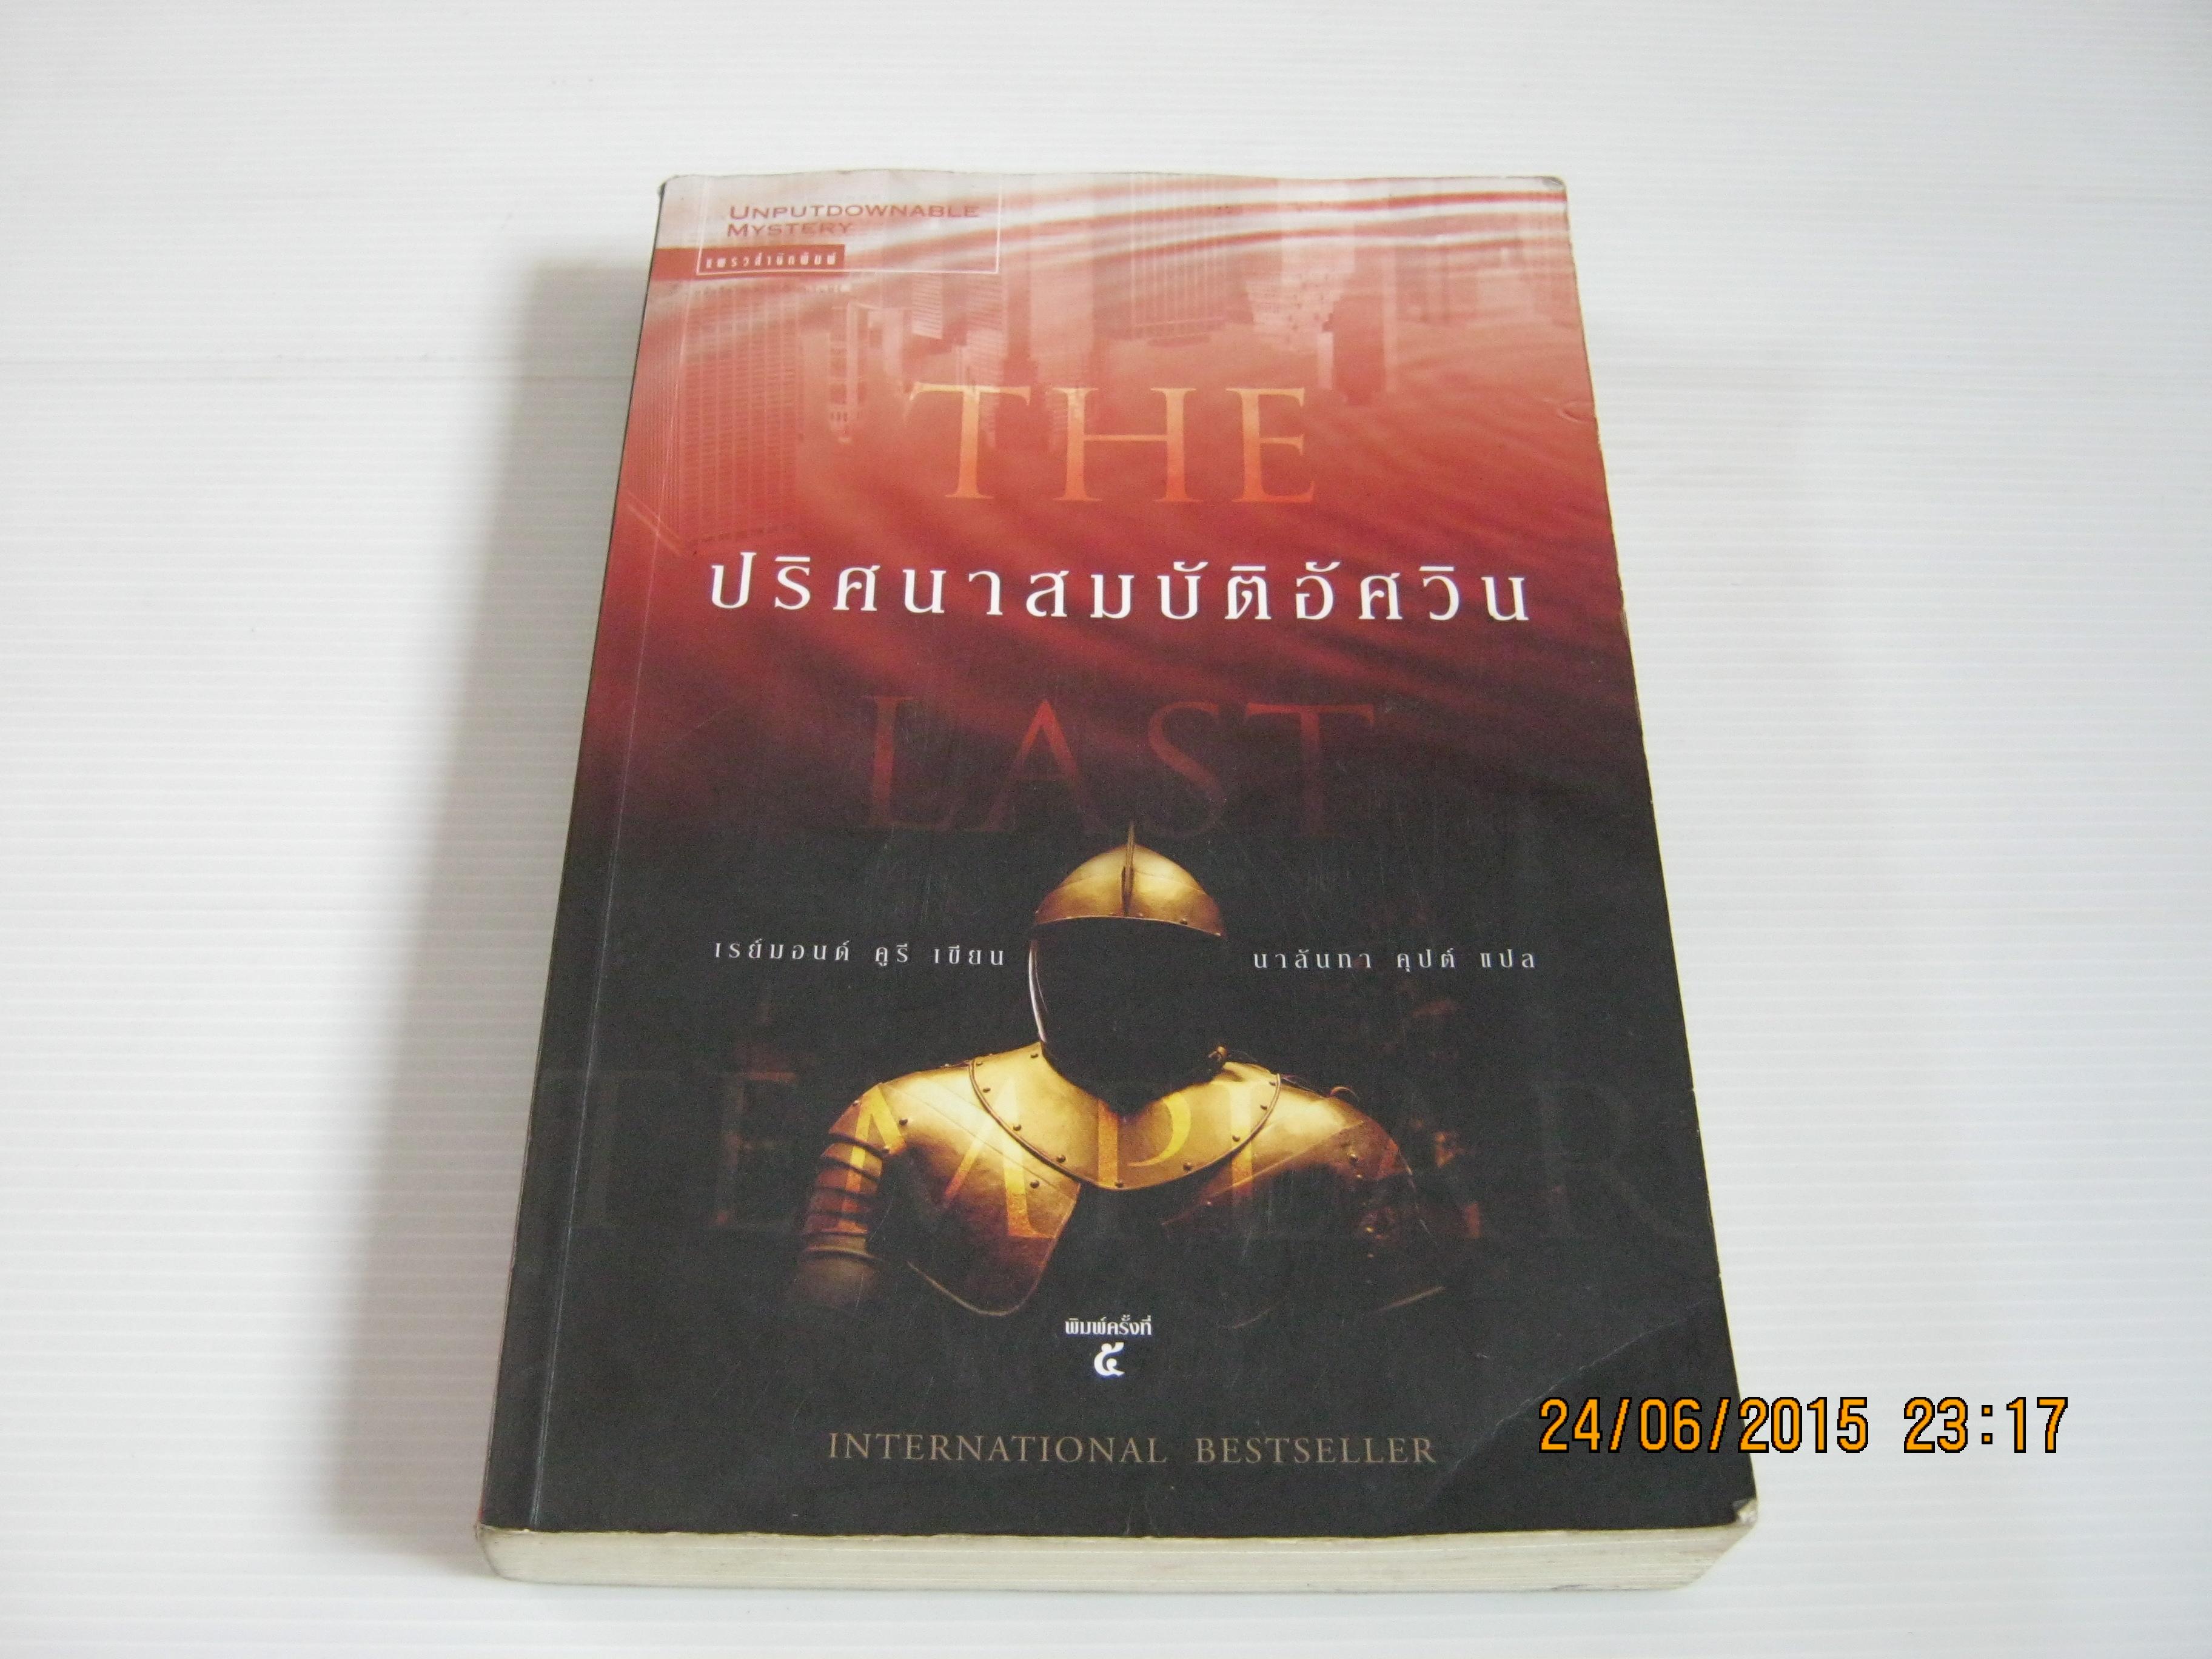 ปริศนาสมบัติอัศวิน (The Last Templar) พิมพ์ครั้งที่ 5 เรย์มอนด์ คูรี เขียน นาลันทา คุปต์ แปล